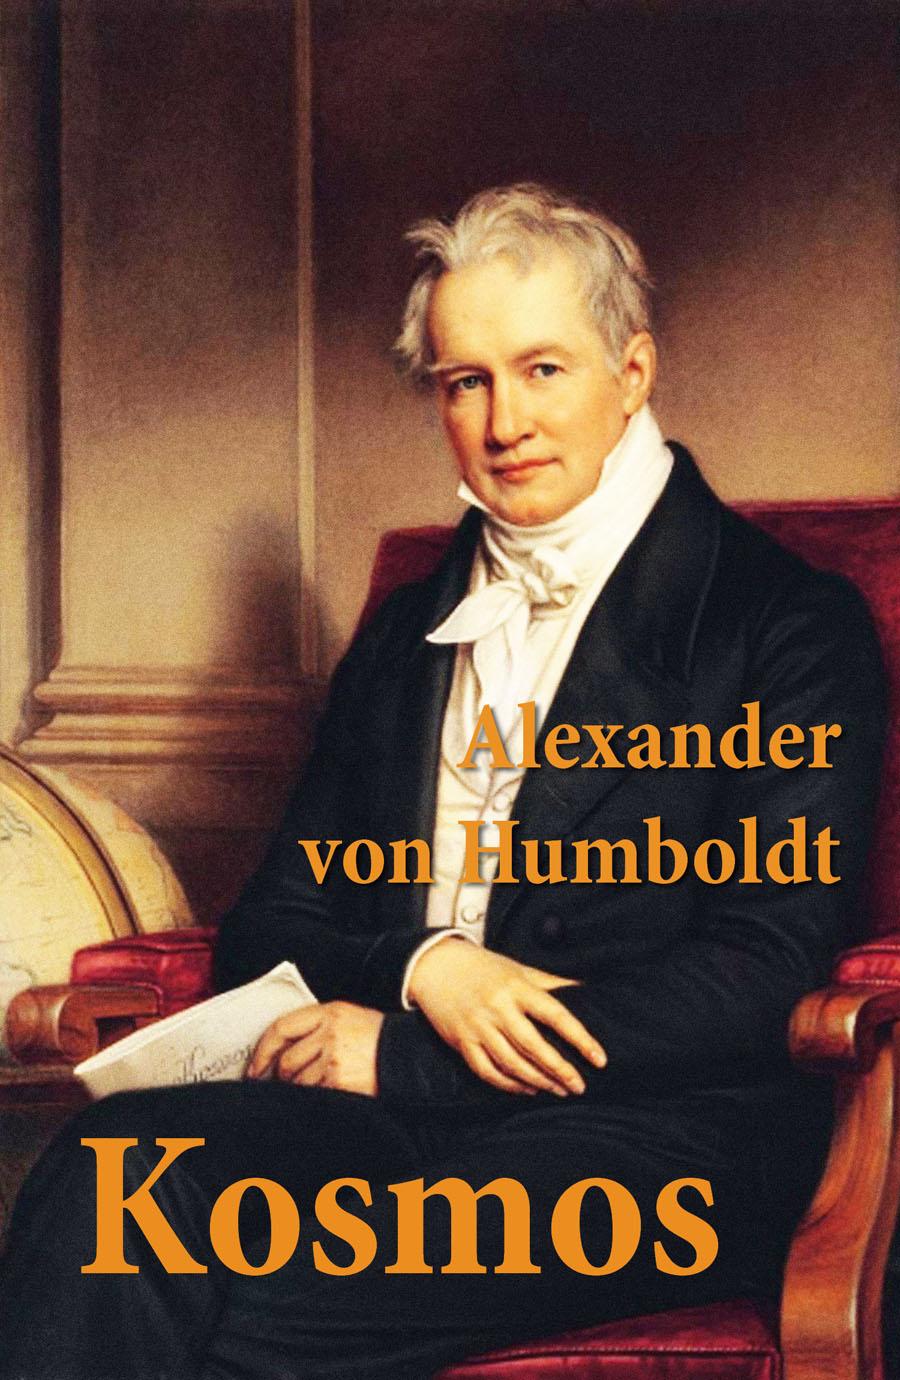 Alexander von Humboldt Kosmos a von humboldt kosmos entwurf einer physischen weltbeschreibung band 1